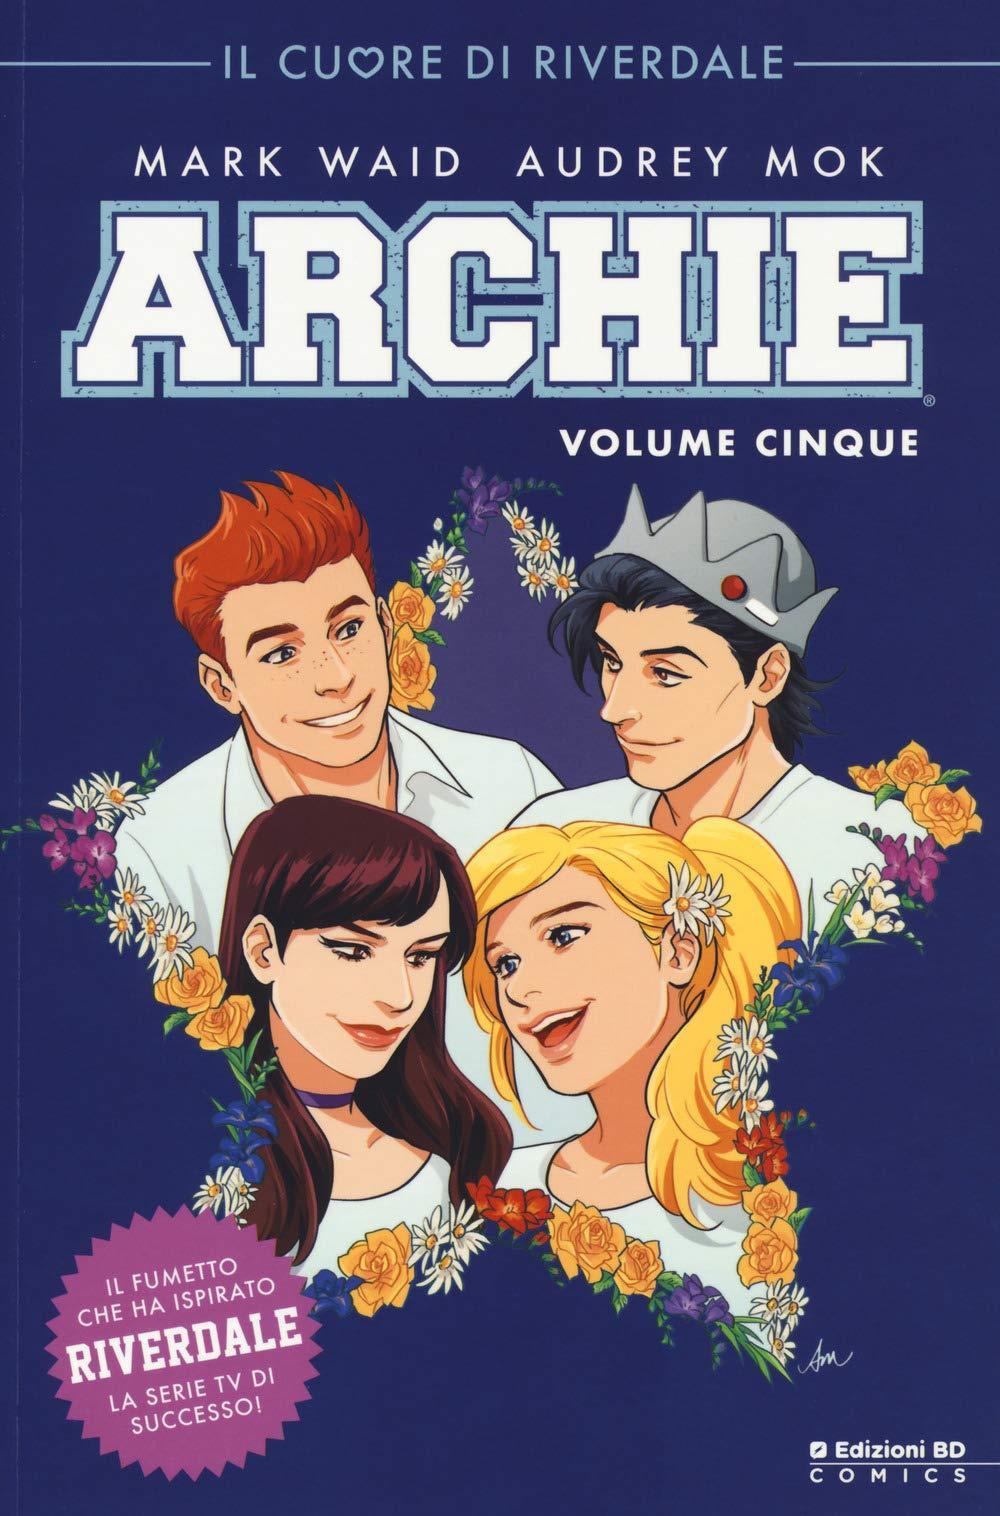 La copertina italiana del quinto volume di Archie